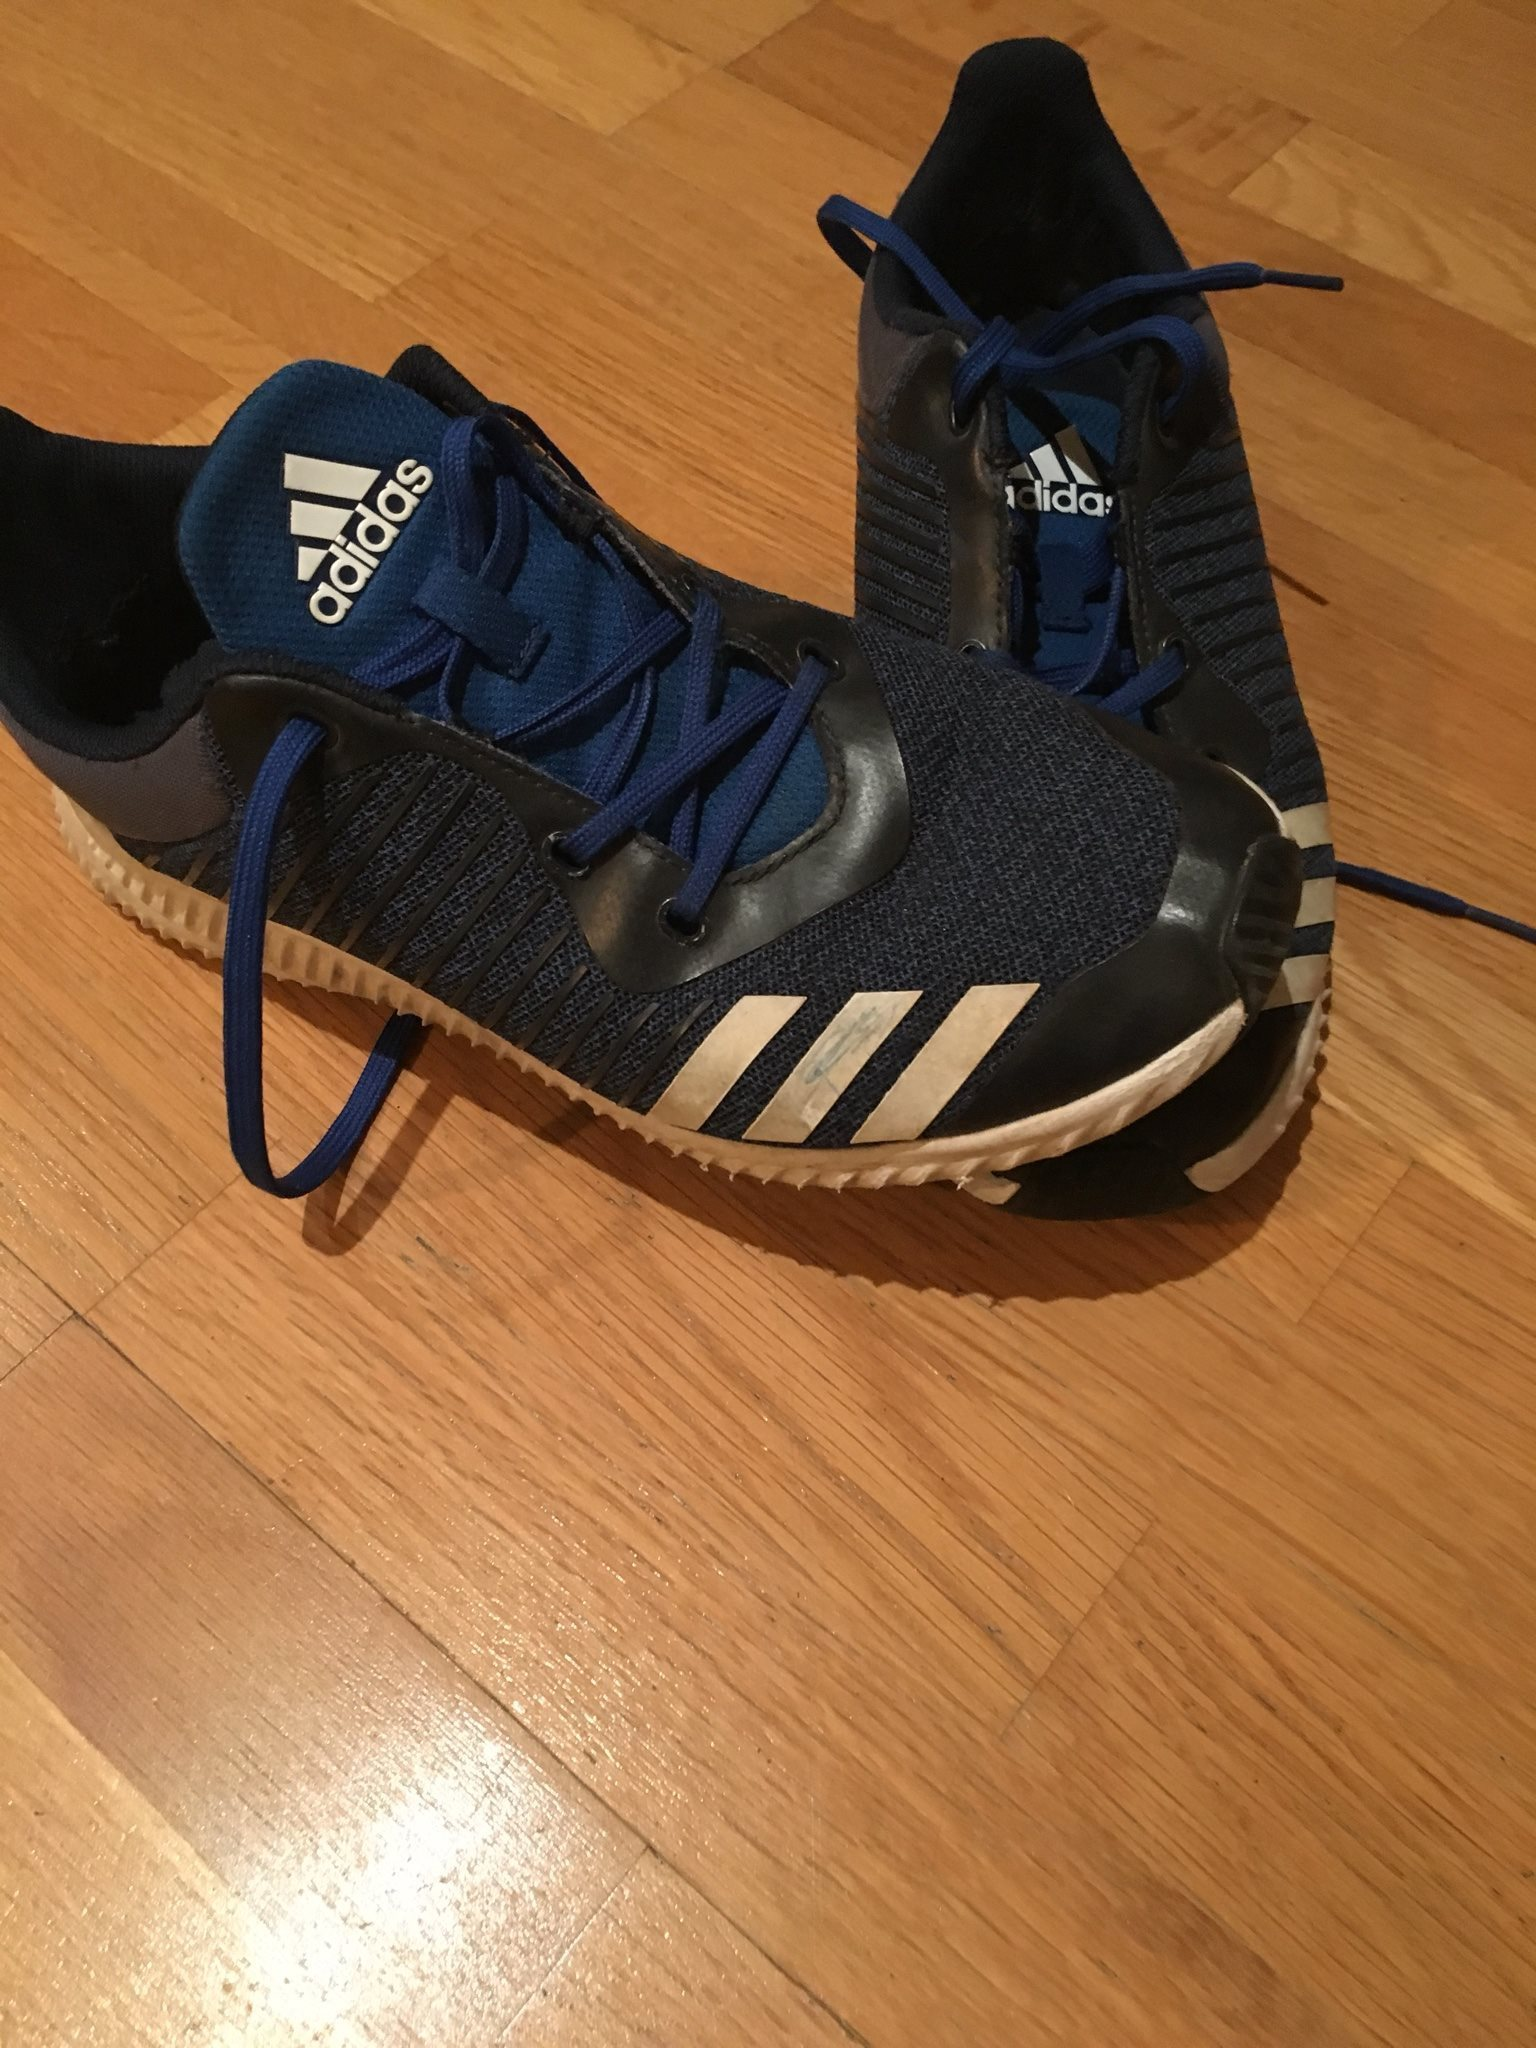 super popular 384c1 de09a Adidas skor (336544605) ᐈ Köp på Tradera